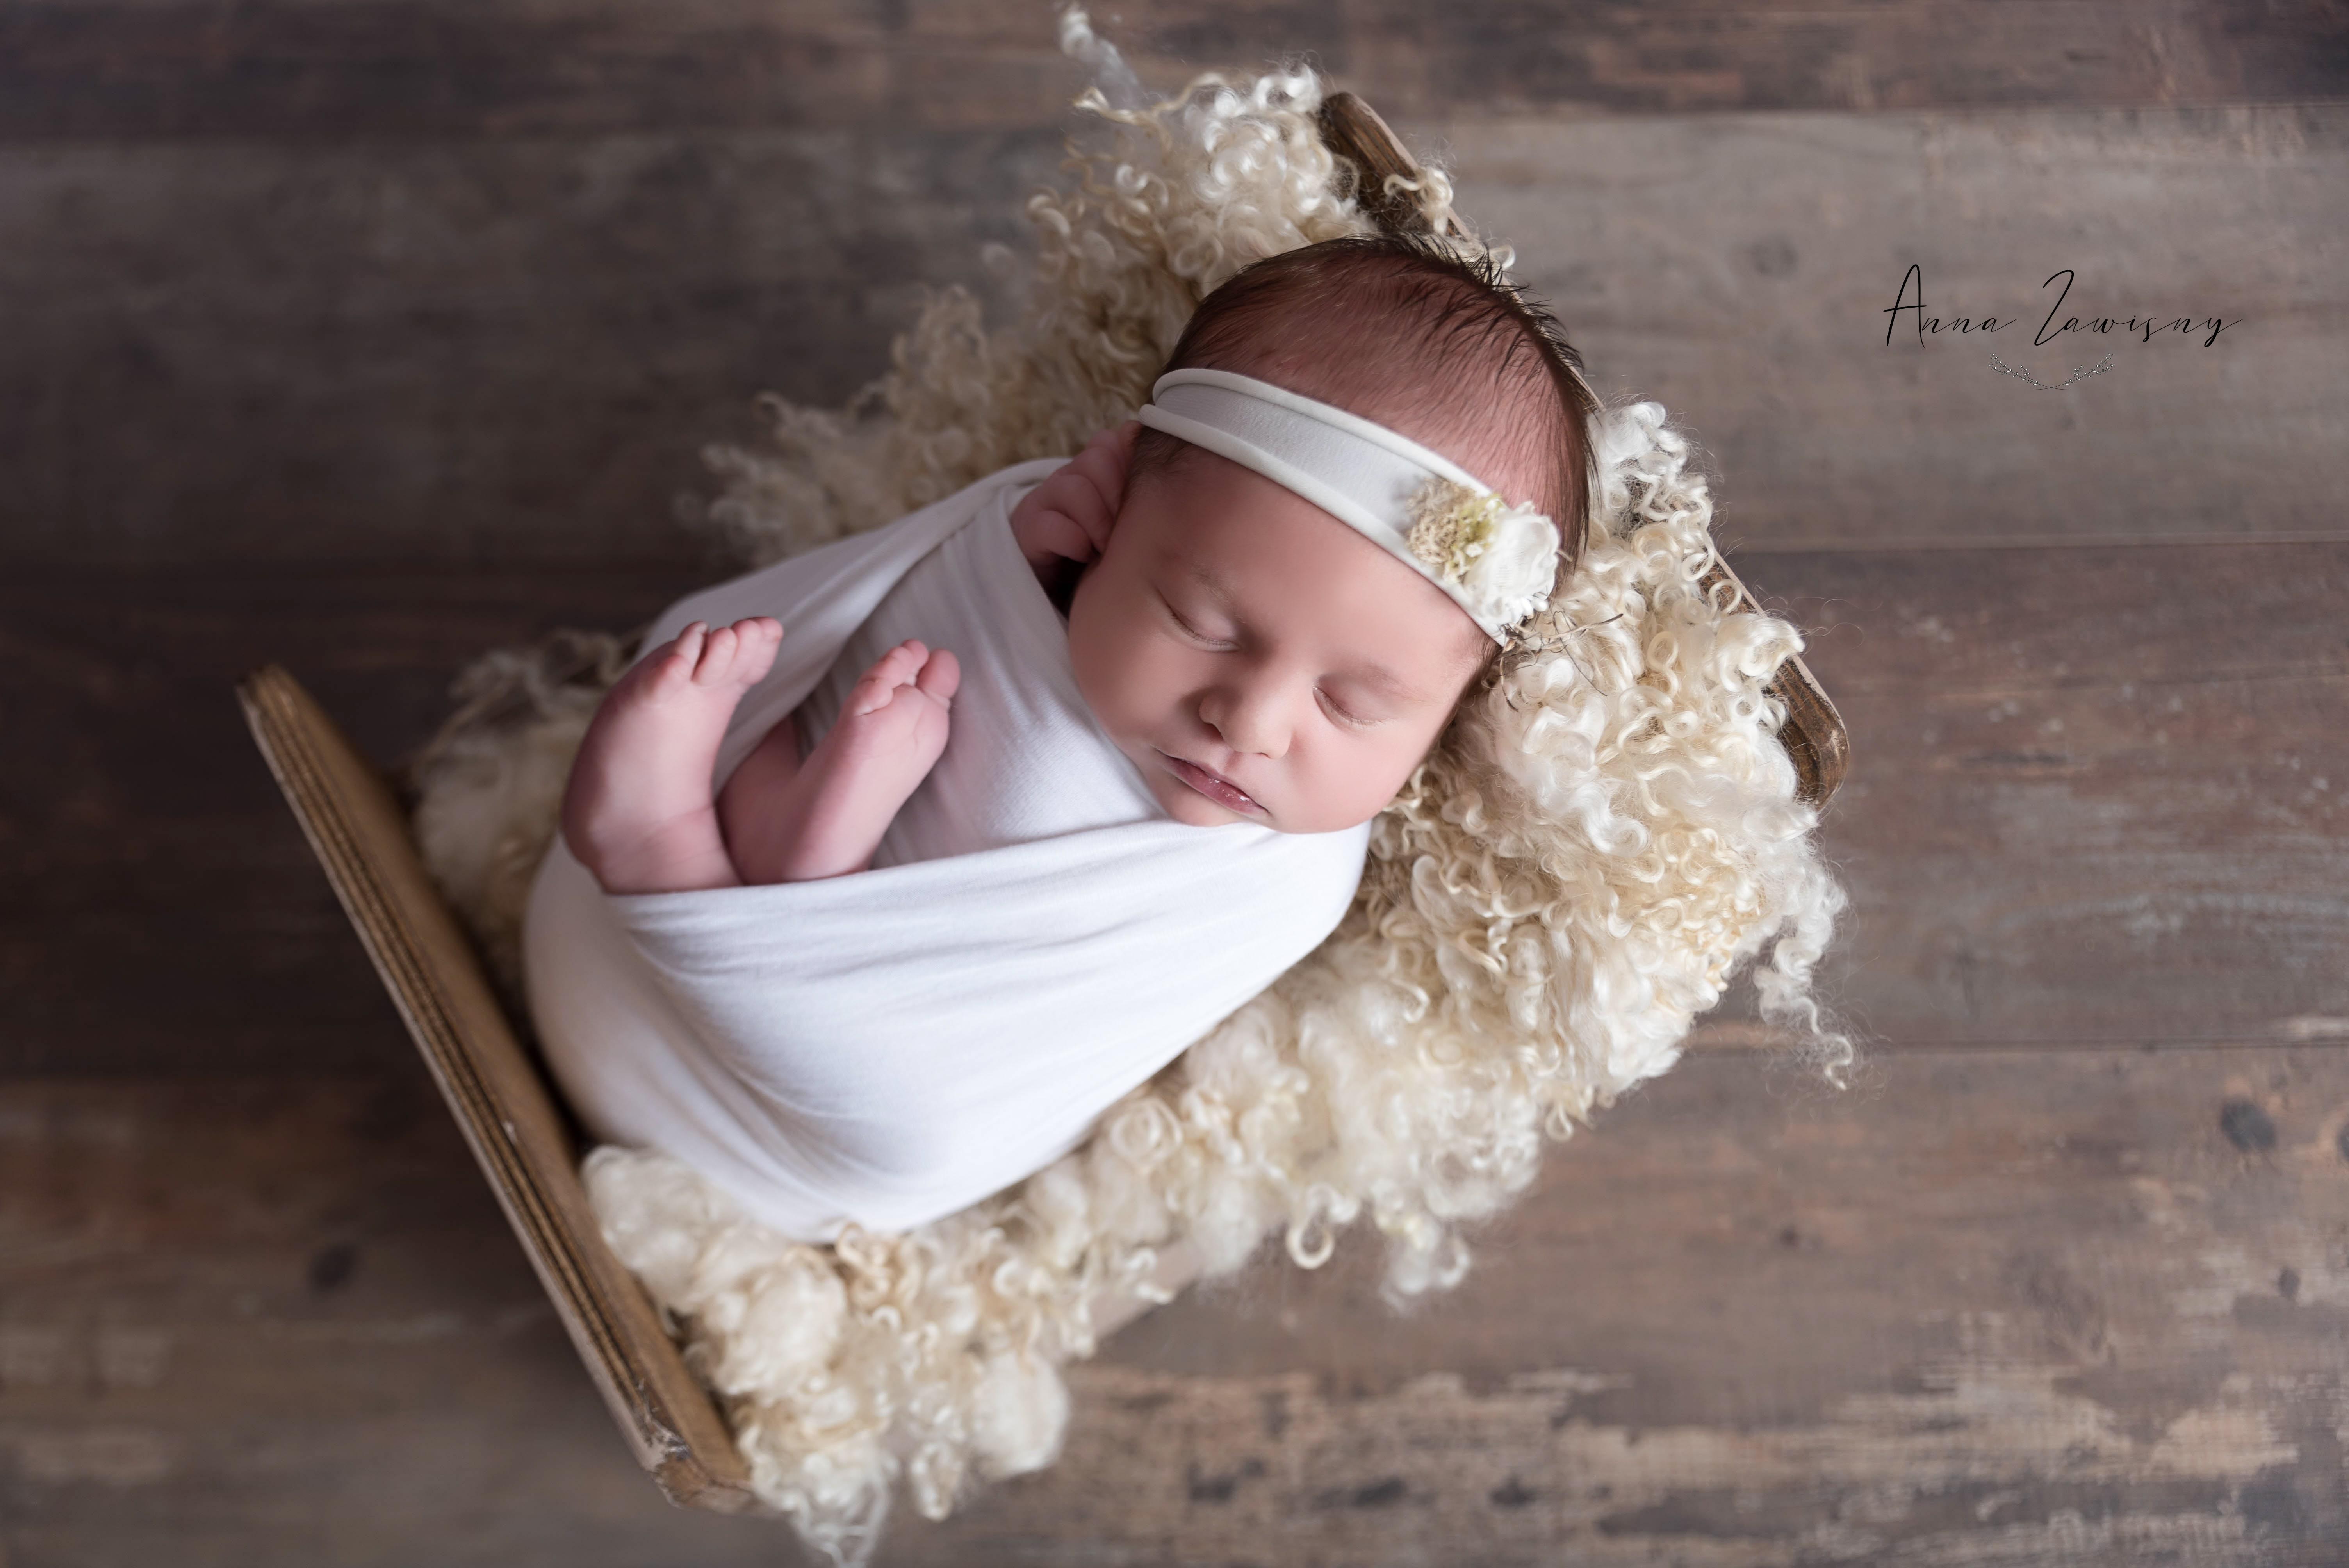 Photographe oise seine et marne aisne grossesse bébé nouveau né famille (6)-min